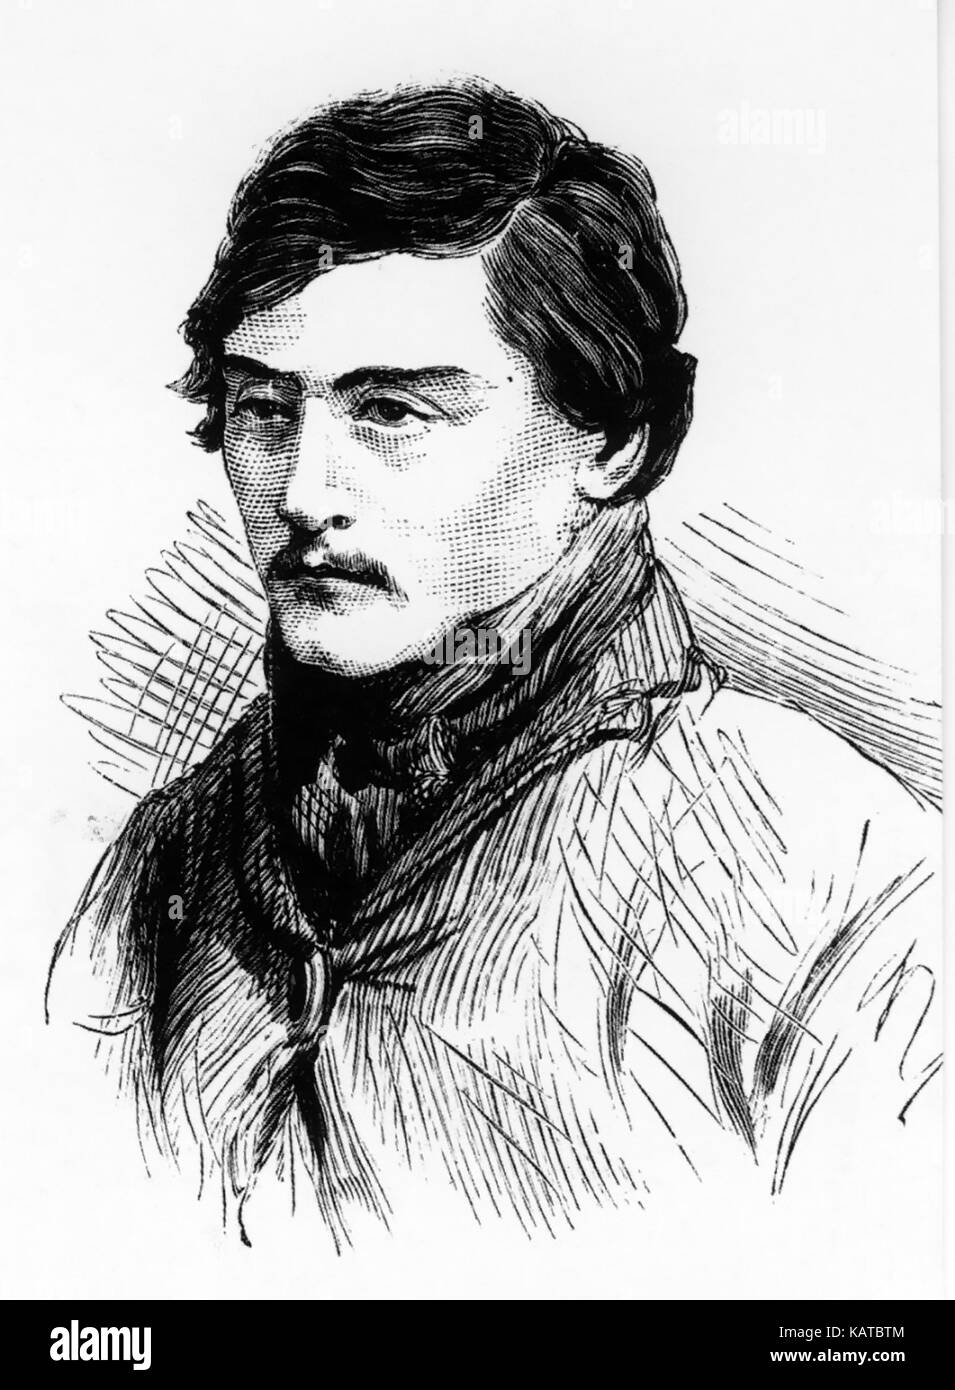 DANIEL KELLY (1861-1880) Australian bushranger brother of Ned Kelly. From The Illustrated Australian News, 28 November - Stock Image